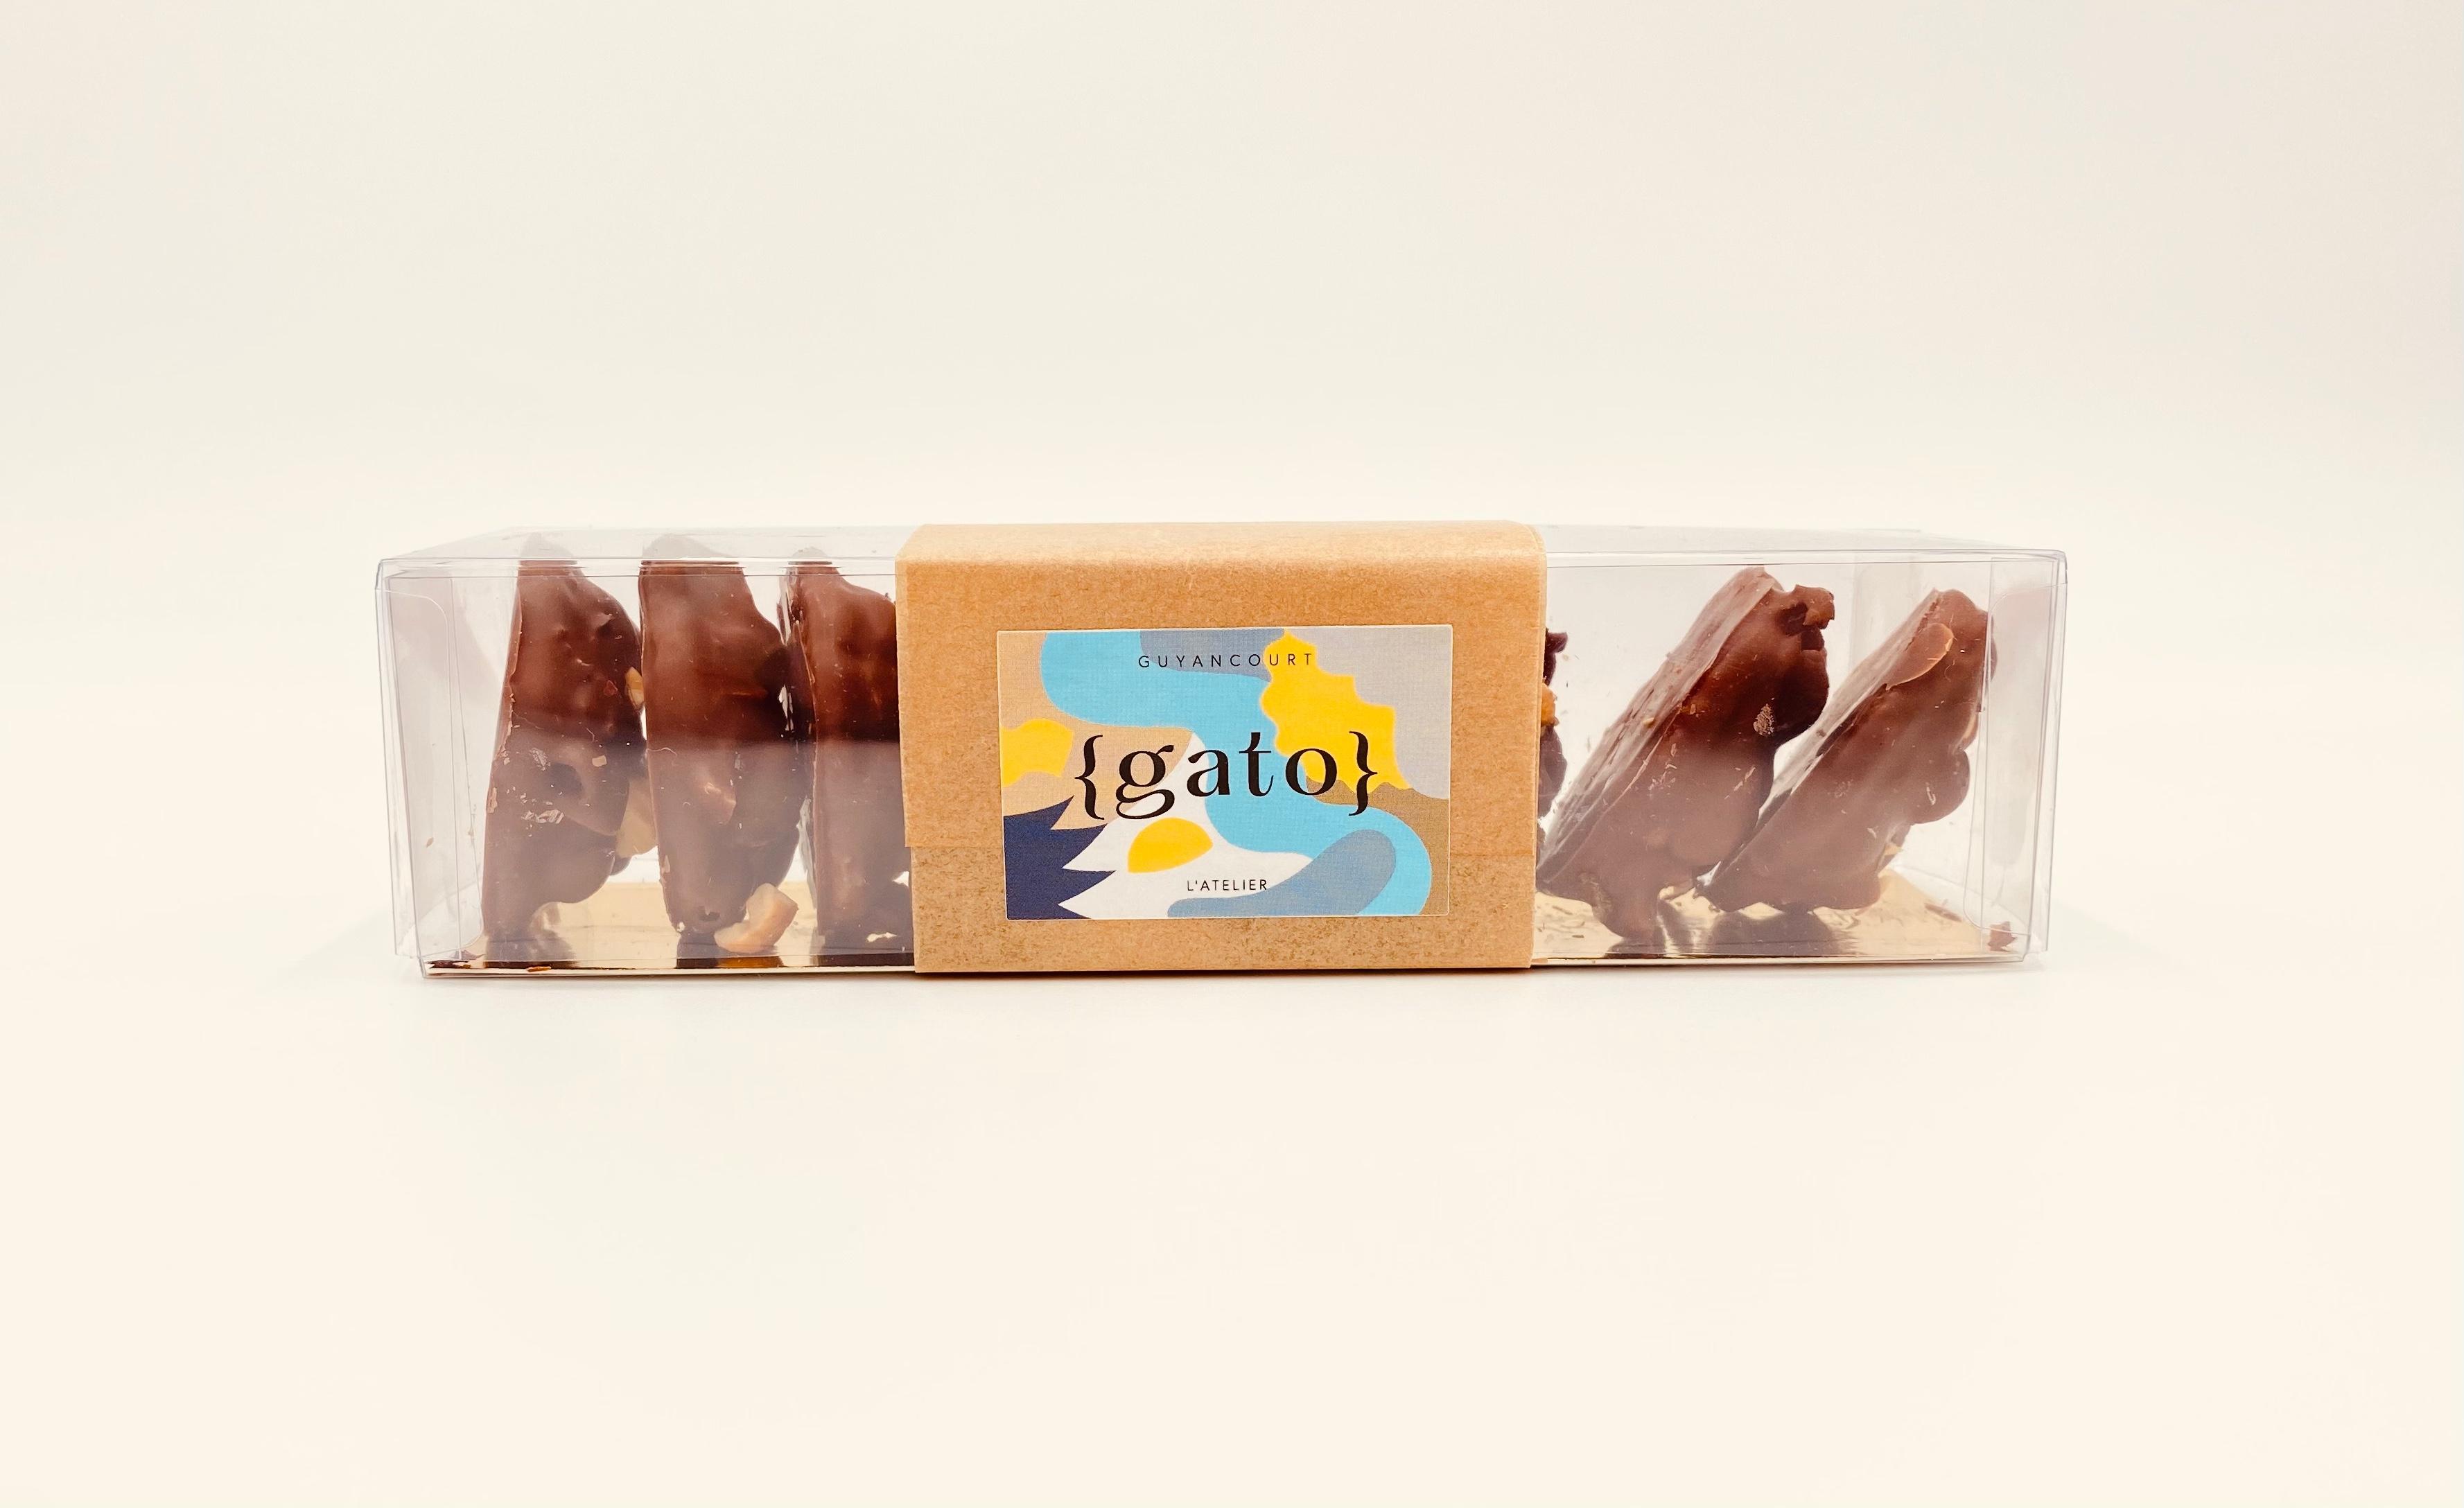 P'tits biscuits noisette gianduja chocolat au lait